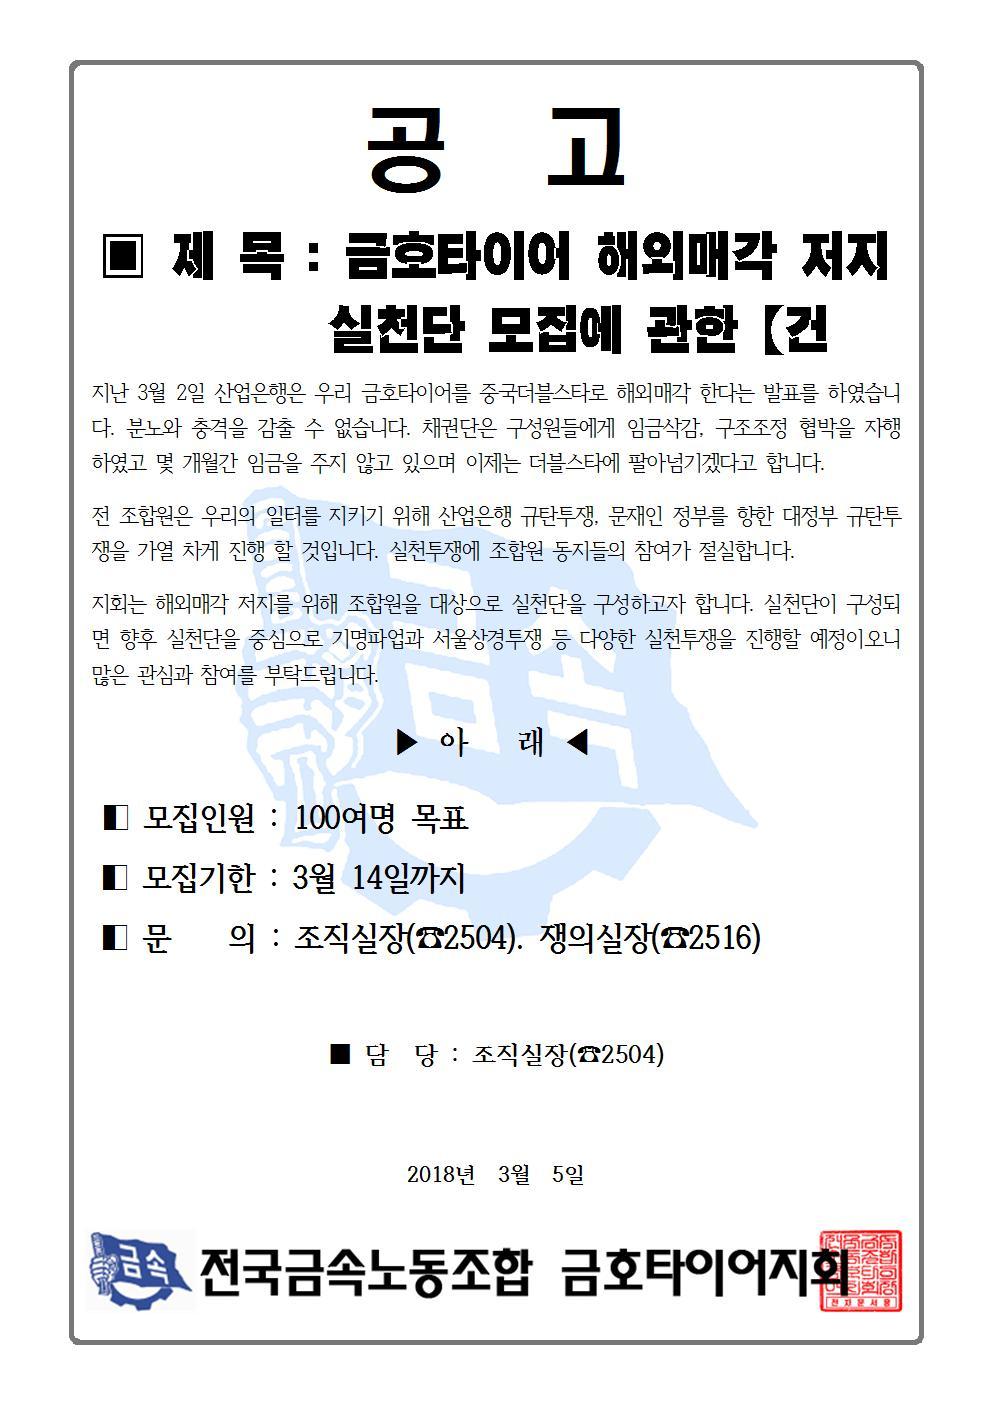 해외매각저지 실천단 모집공고001.jpg